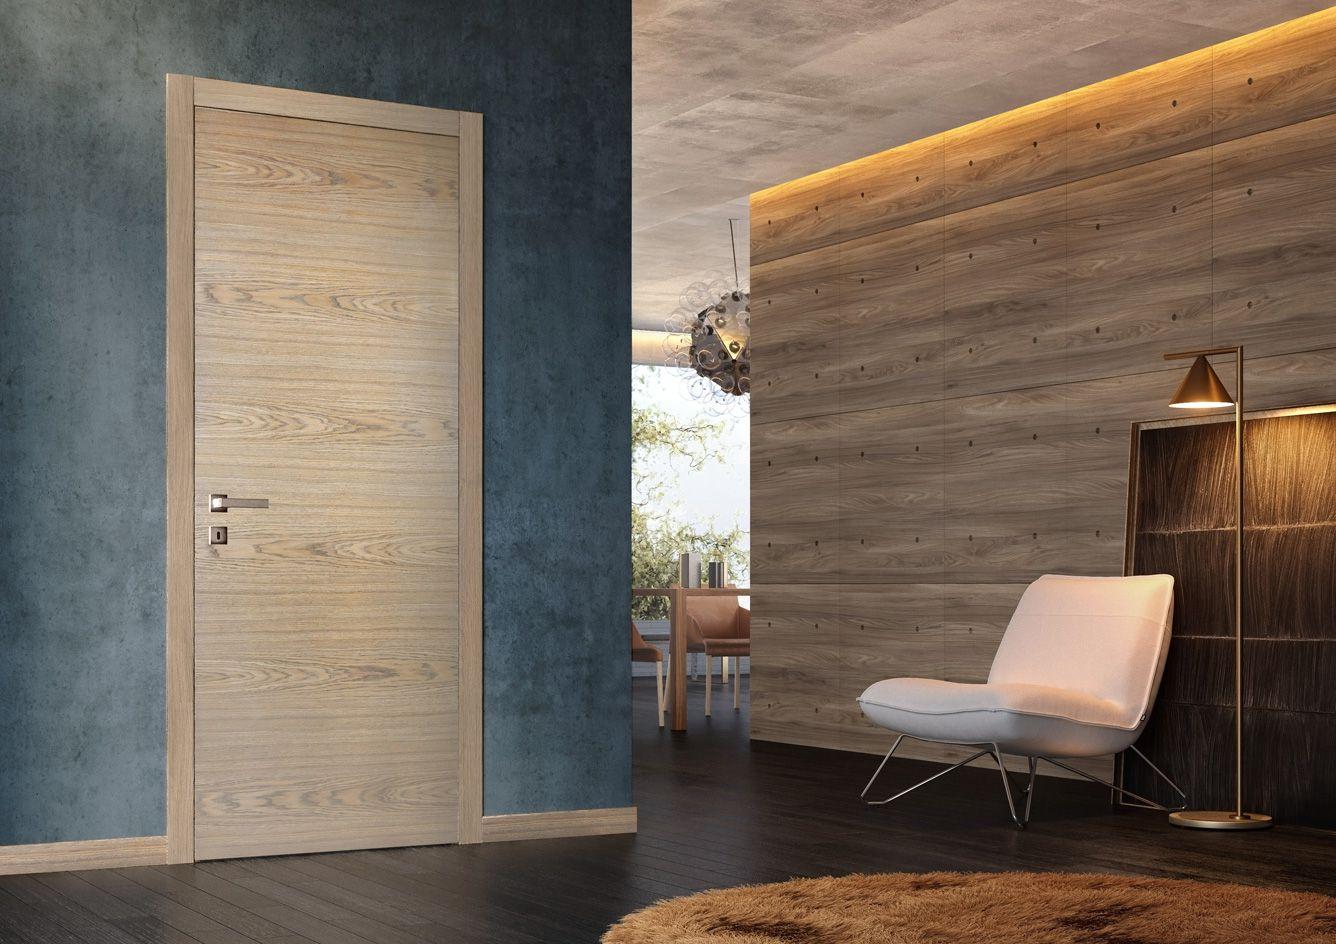 Solid Core Wood Interior Door In Living Room Model Unica Rustic Oak